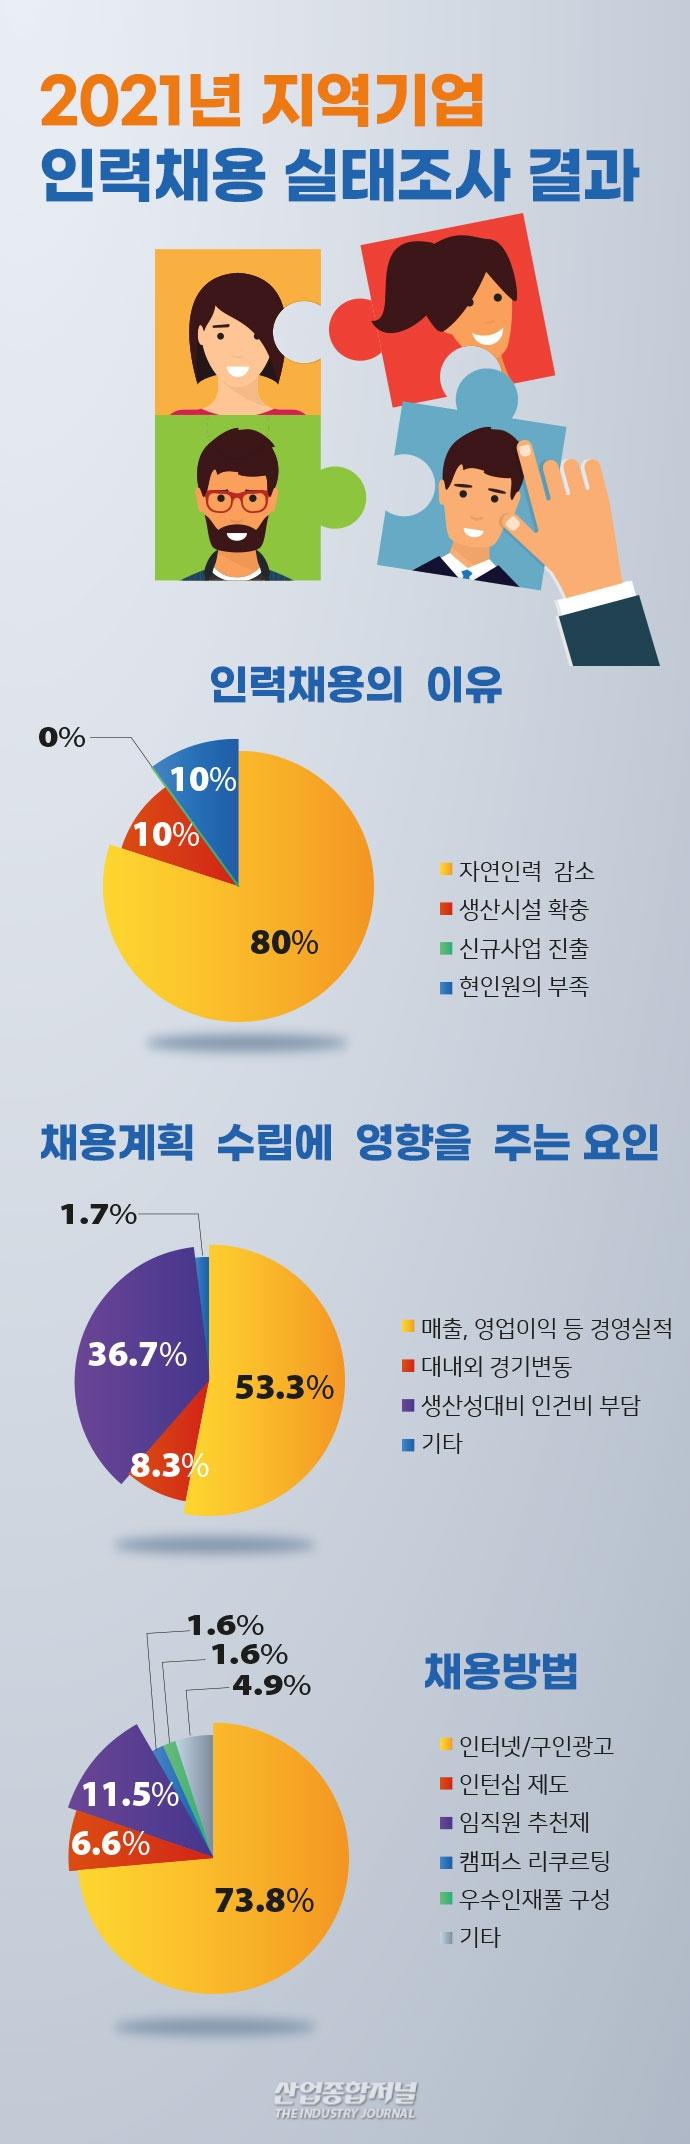 [뉴스그래픽] 올해 '인력 채용 계획 있다' 56.7%, '없다' 43.3% - 산업종합저널 동향